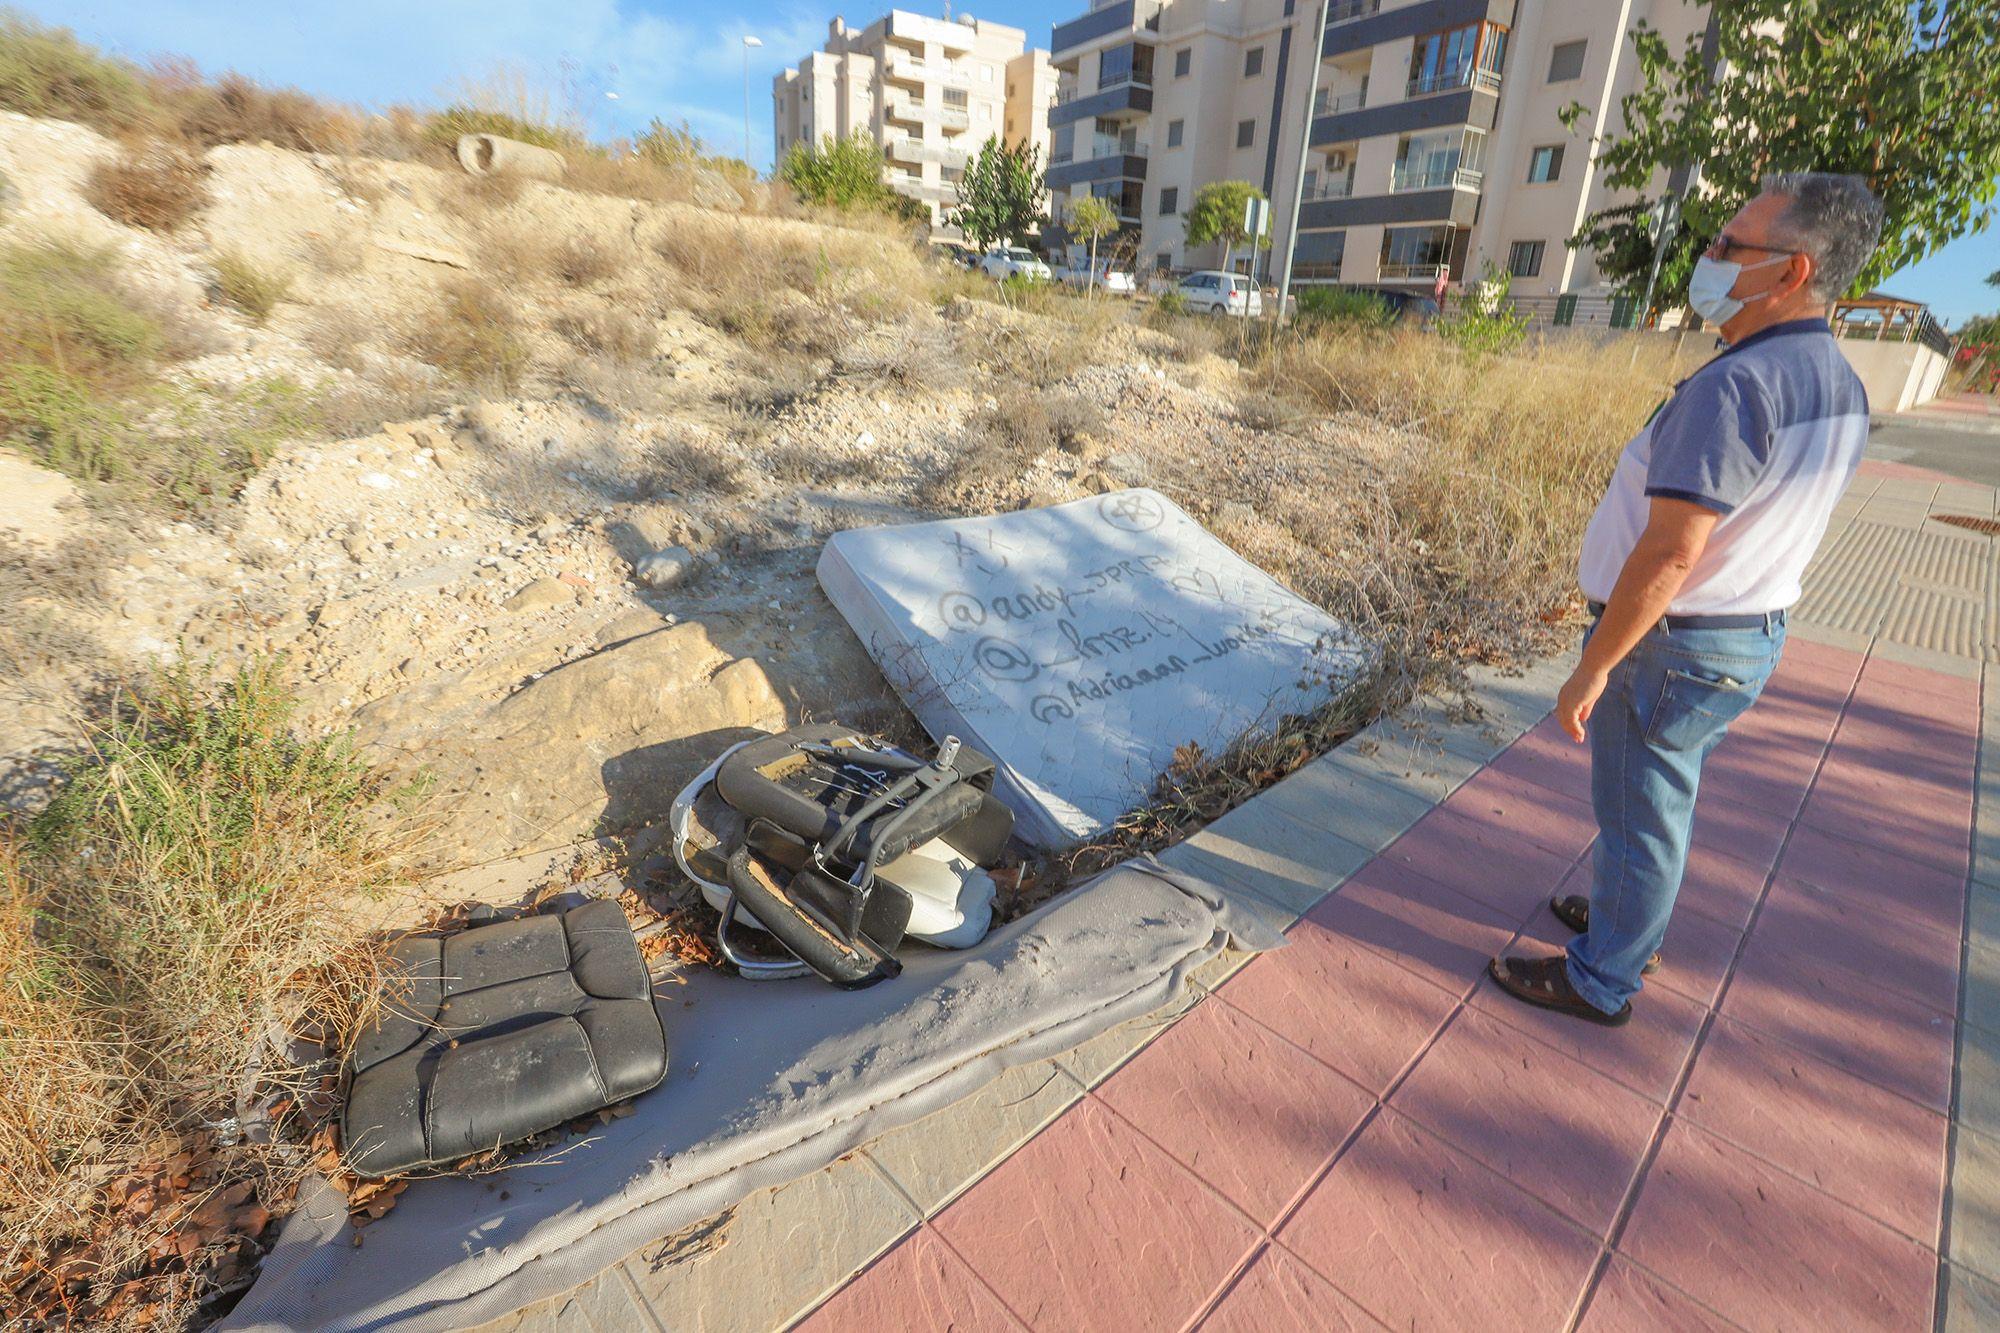 Aspecto del plan parcial Los Invernaderos de San Miguel de Salinas, invadido por la maleza y abandonado, y donde estaban previstas 1.700 viviendas